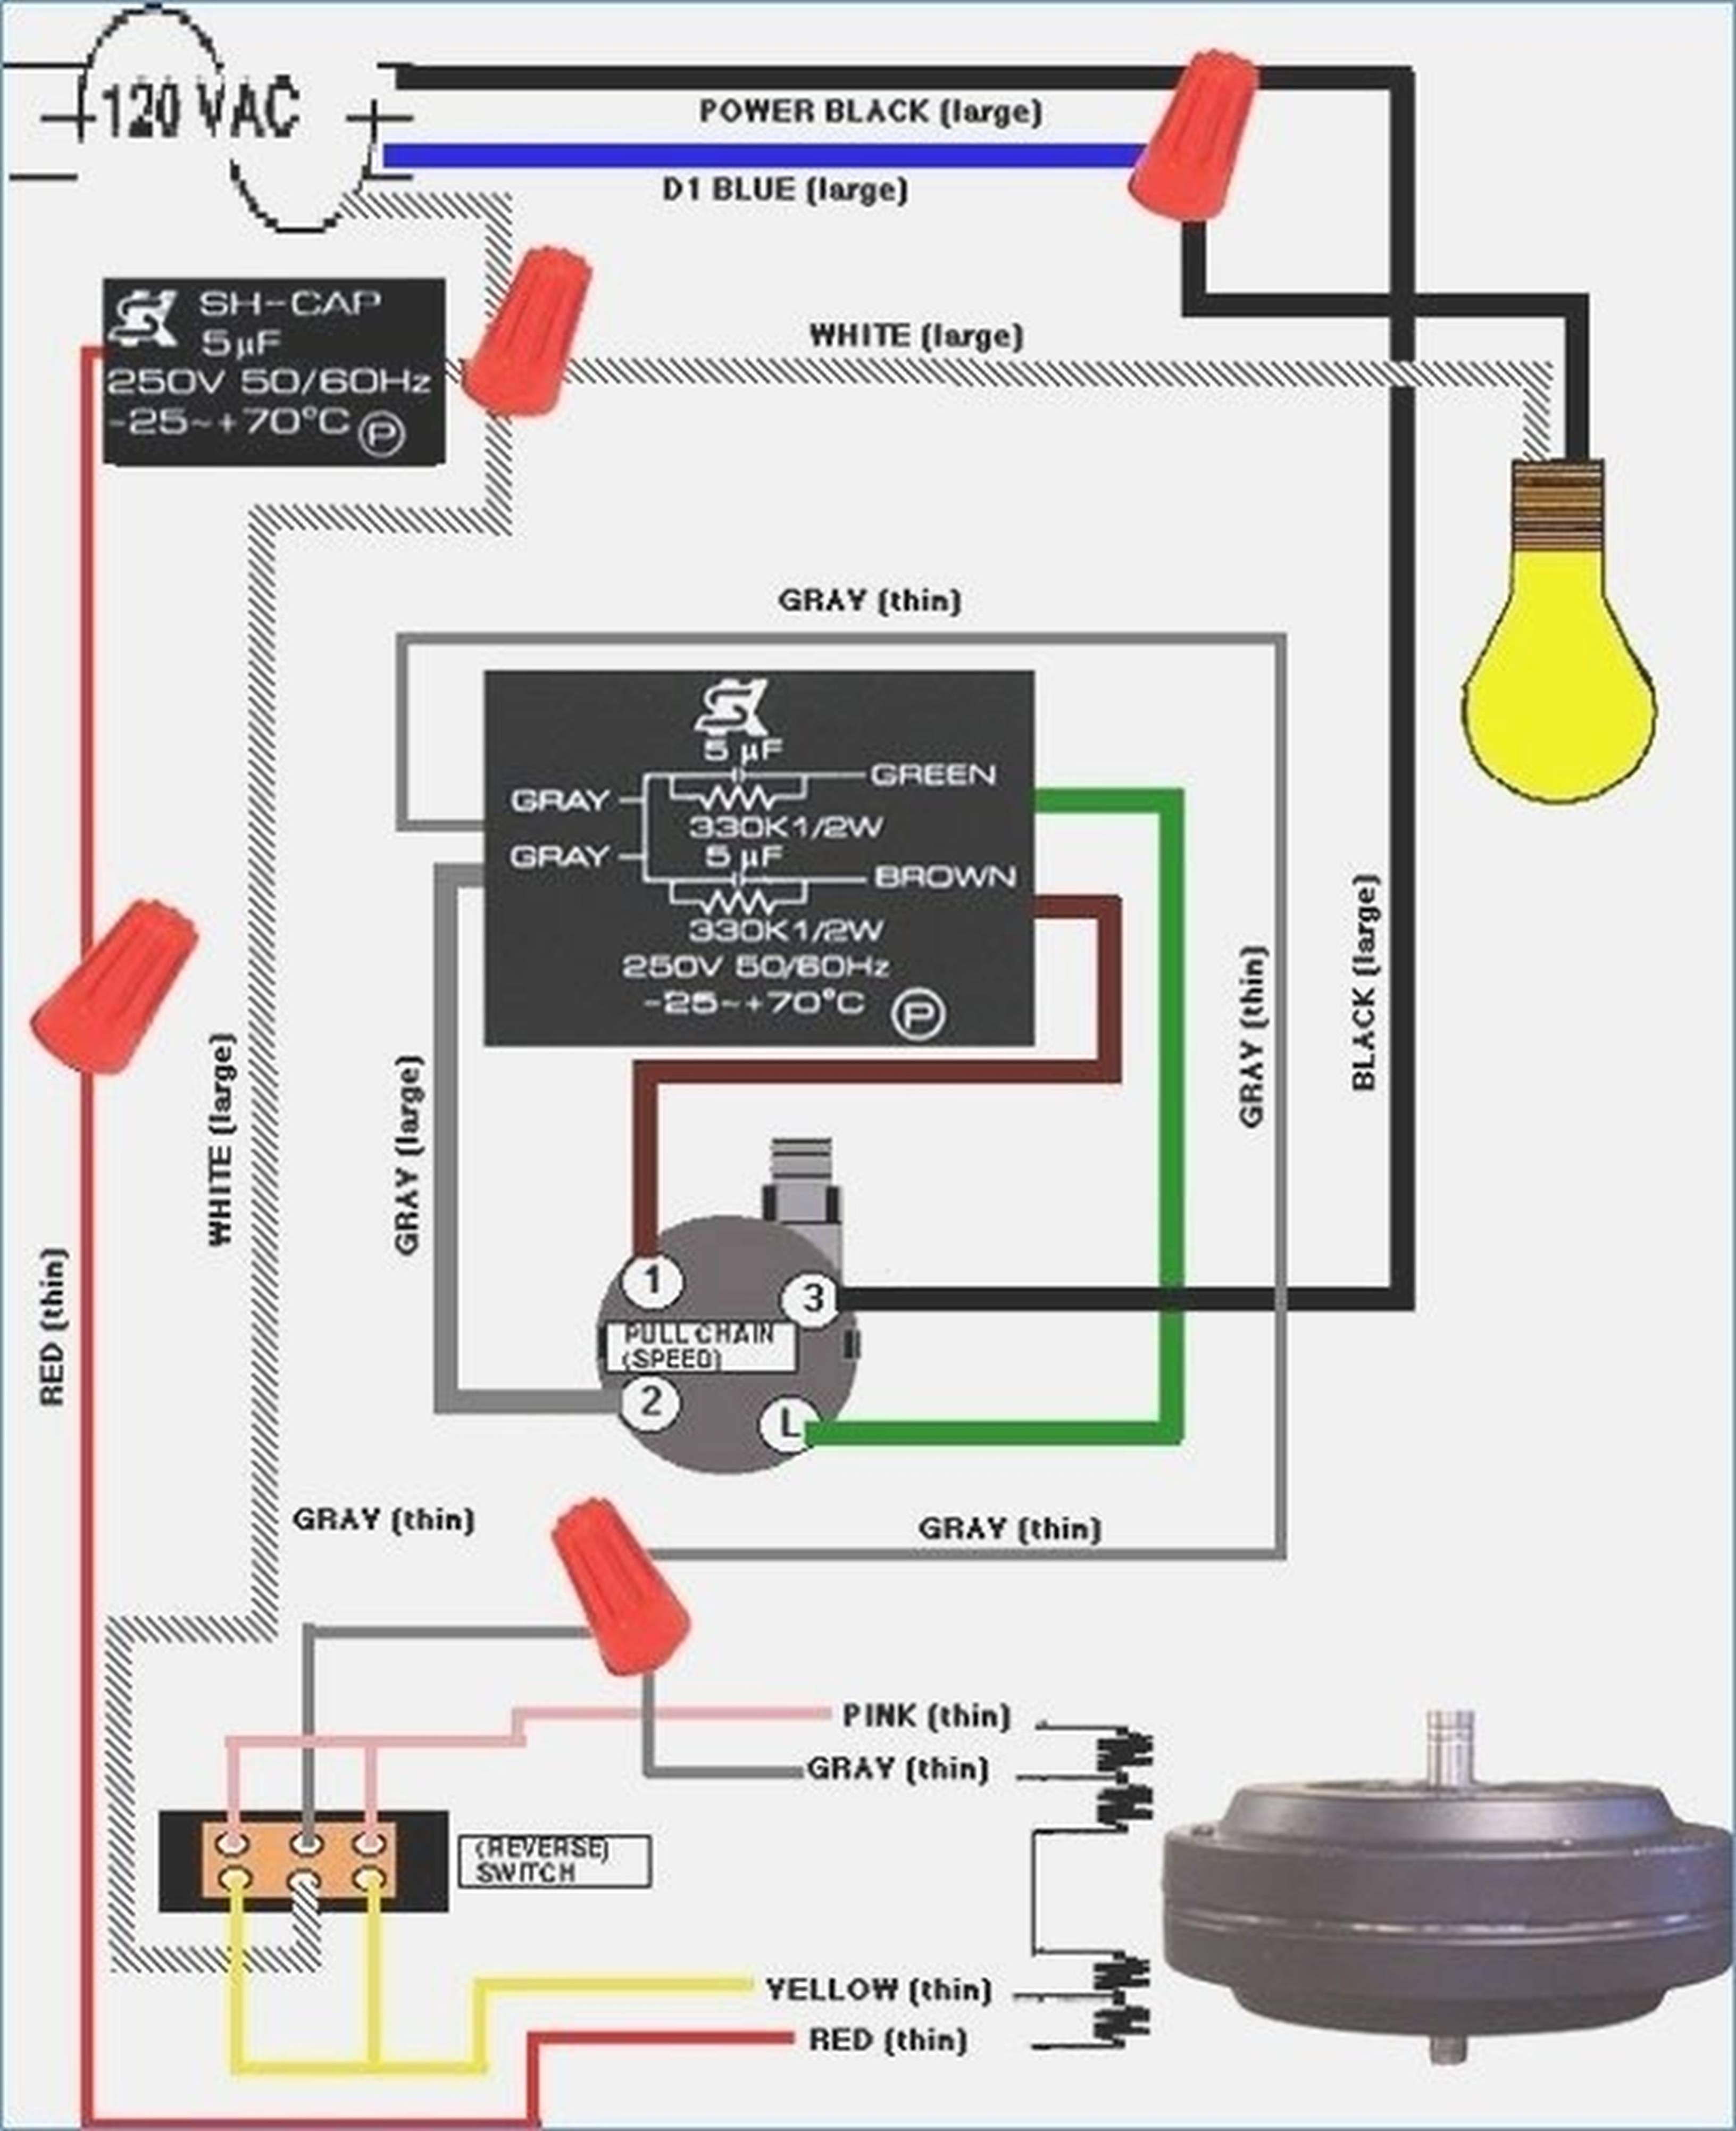 Fans Wiring Schematic | Wiring Diagram - Fan Relay Wiring Diagram